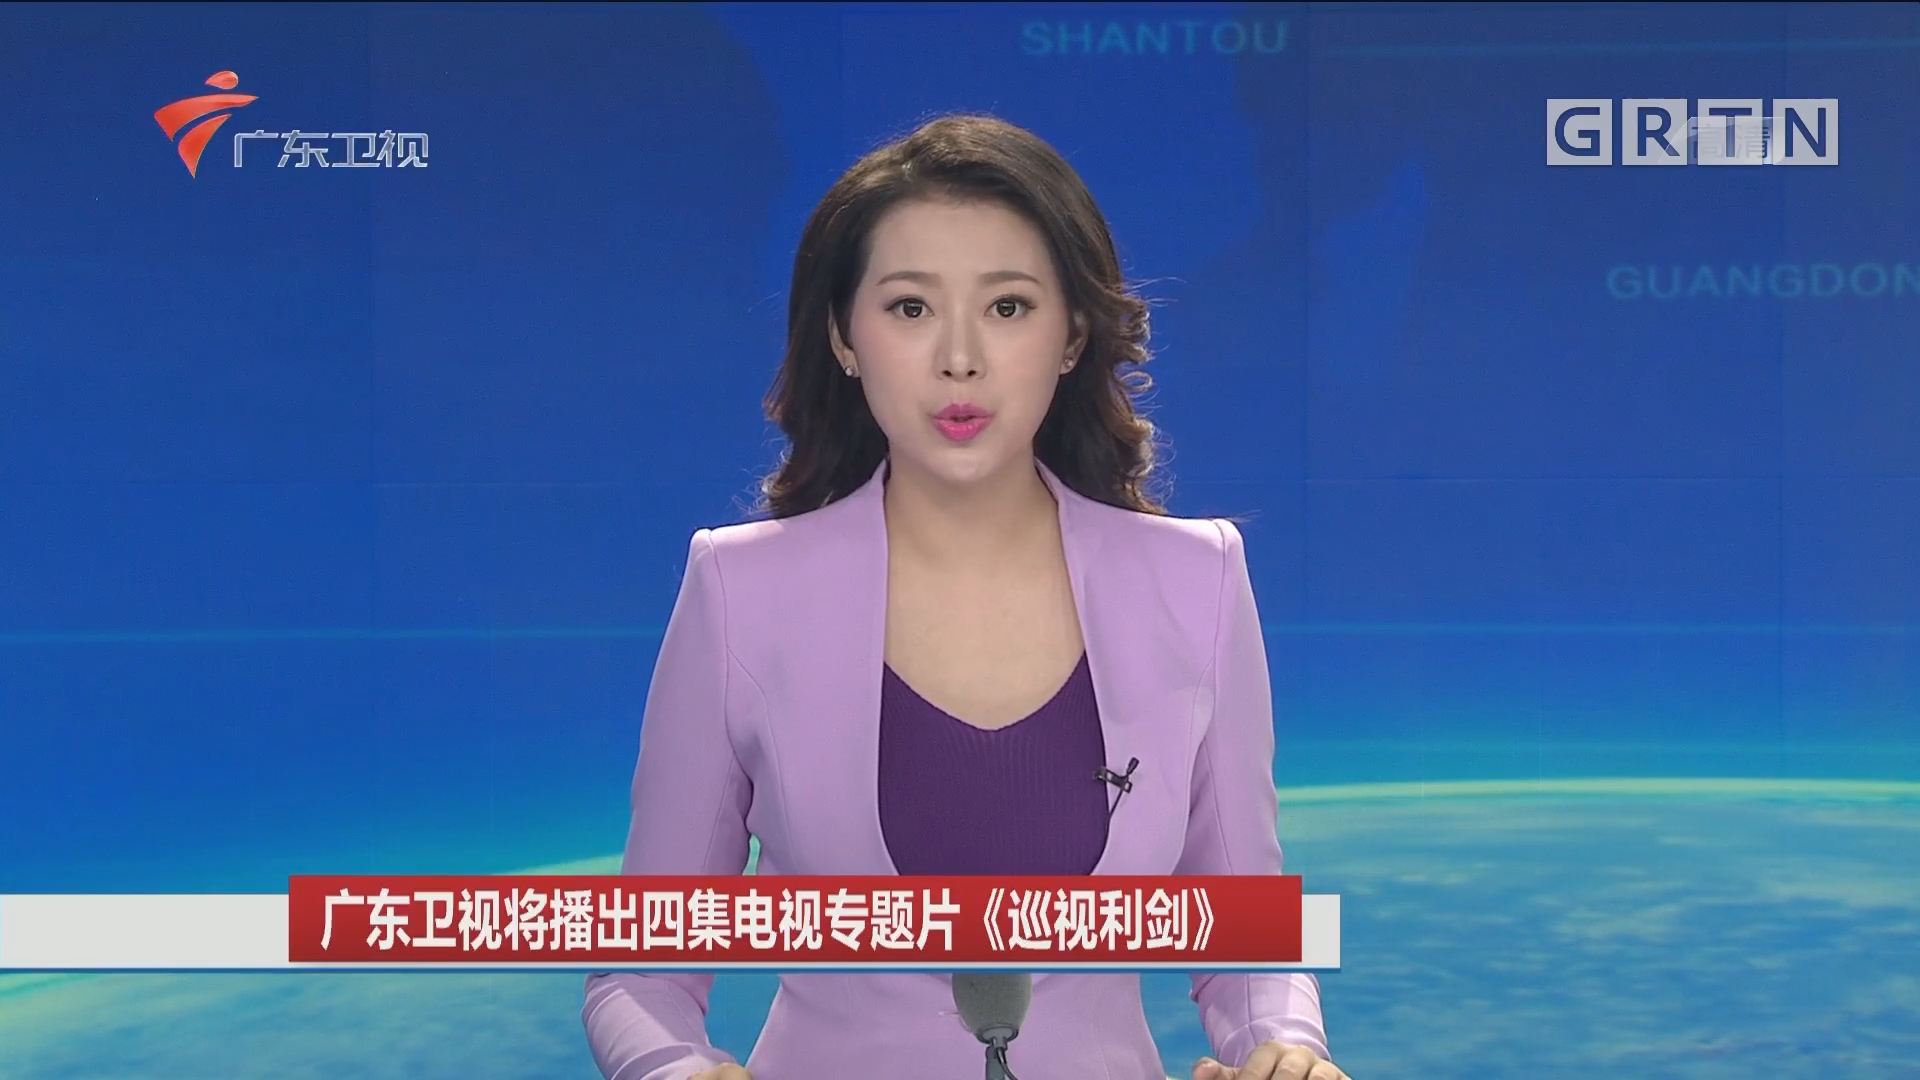 广东卫视将播出四集电视专题片《巡视利剑》